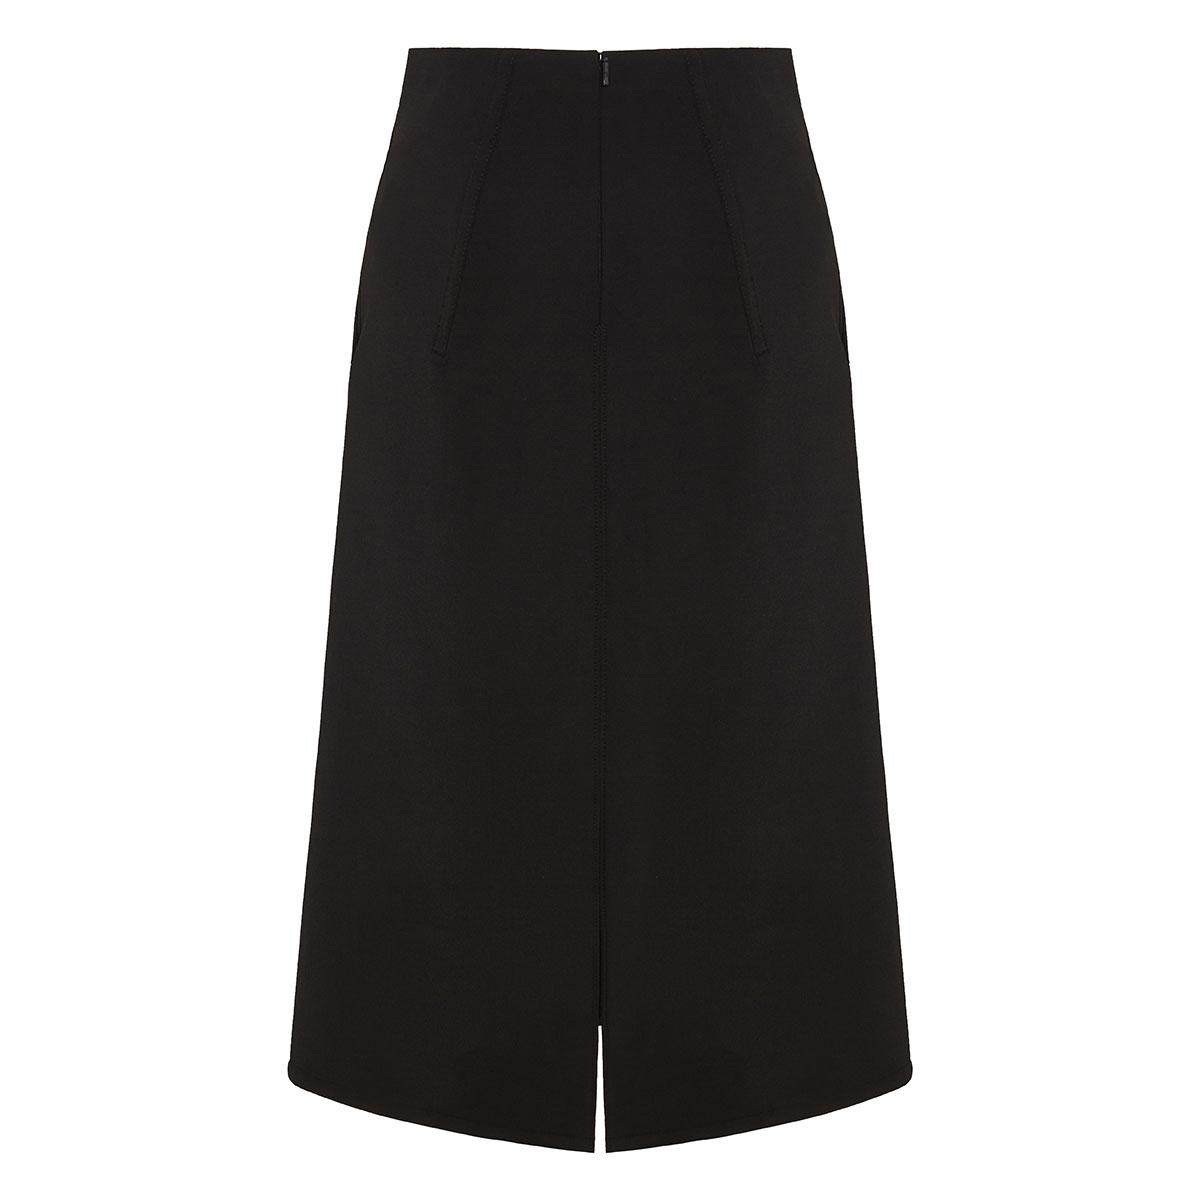 2 Moncler 1952 midi Skirt